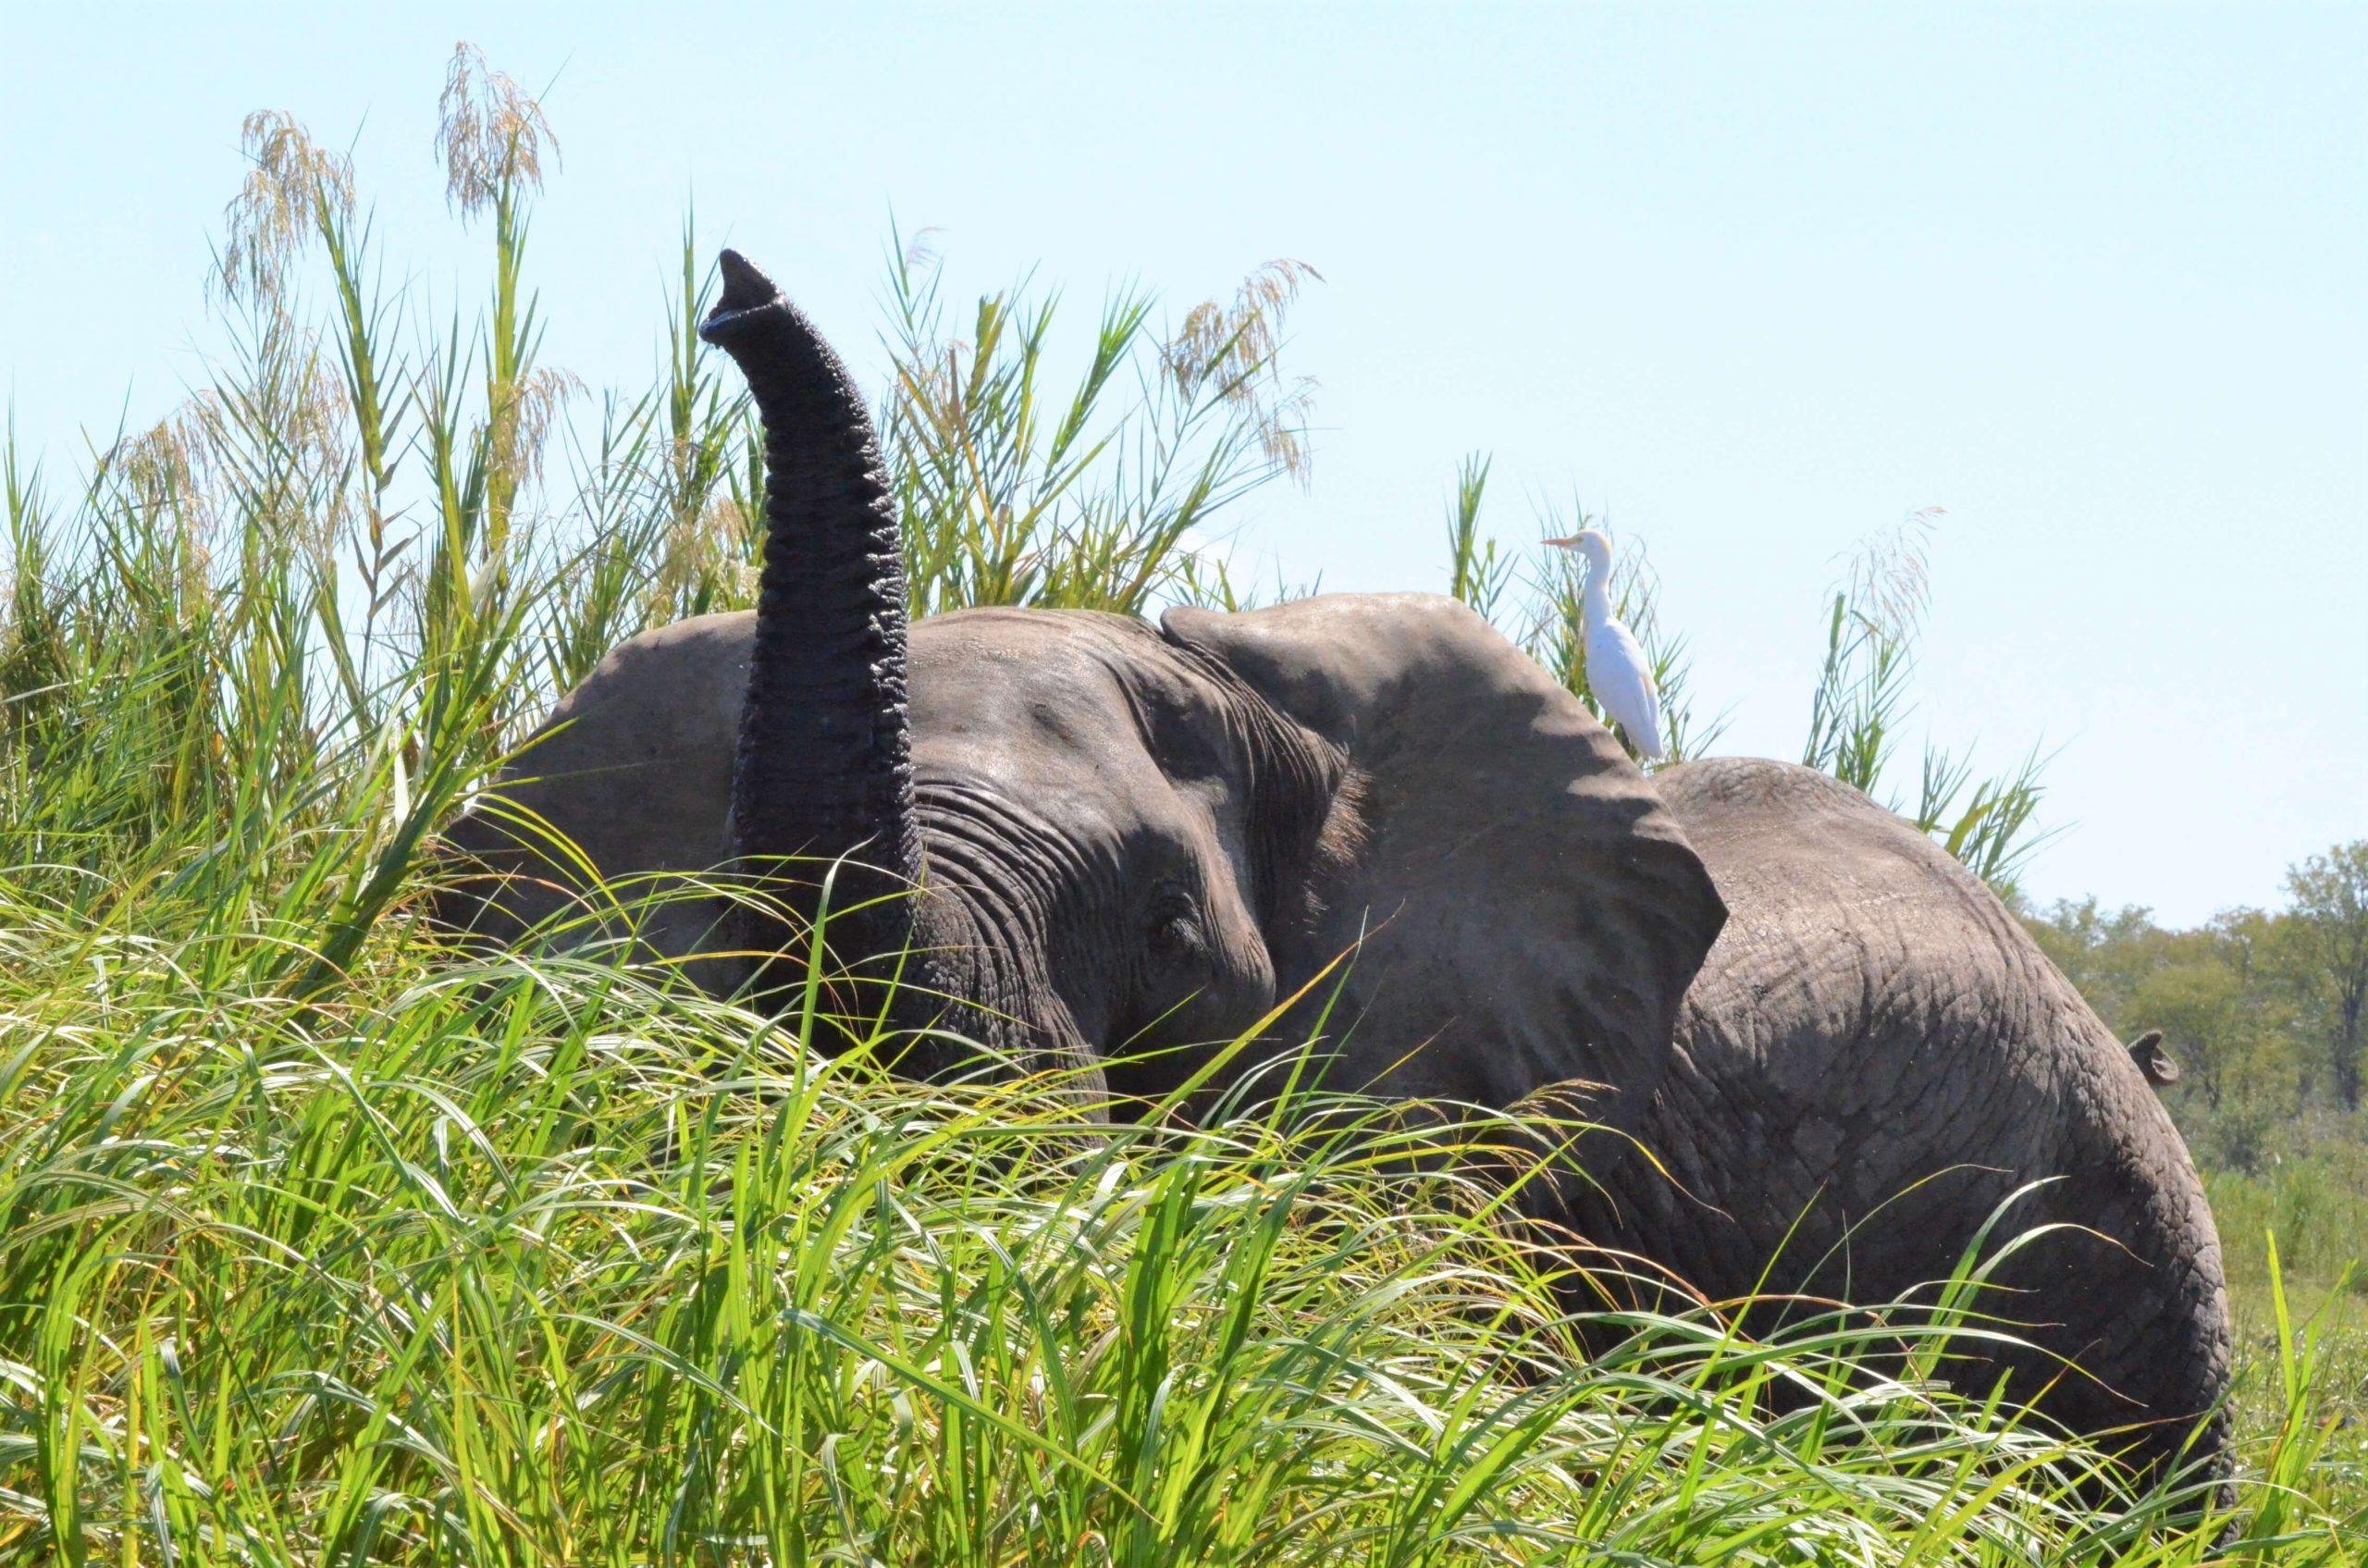 Elephant on safari in Malawi